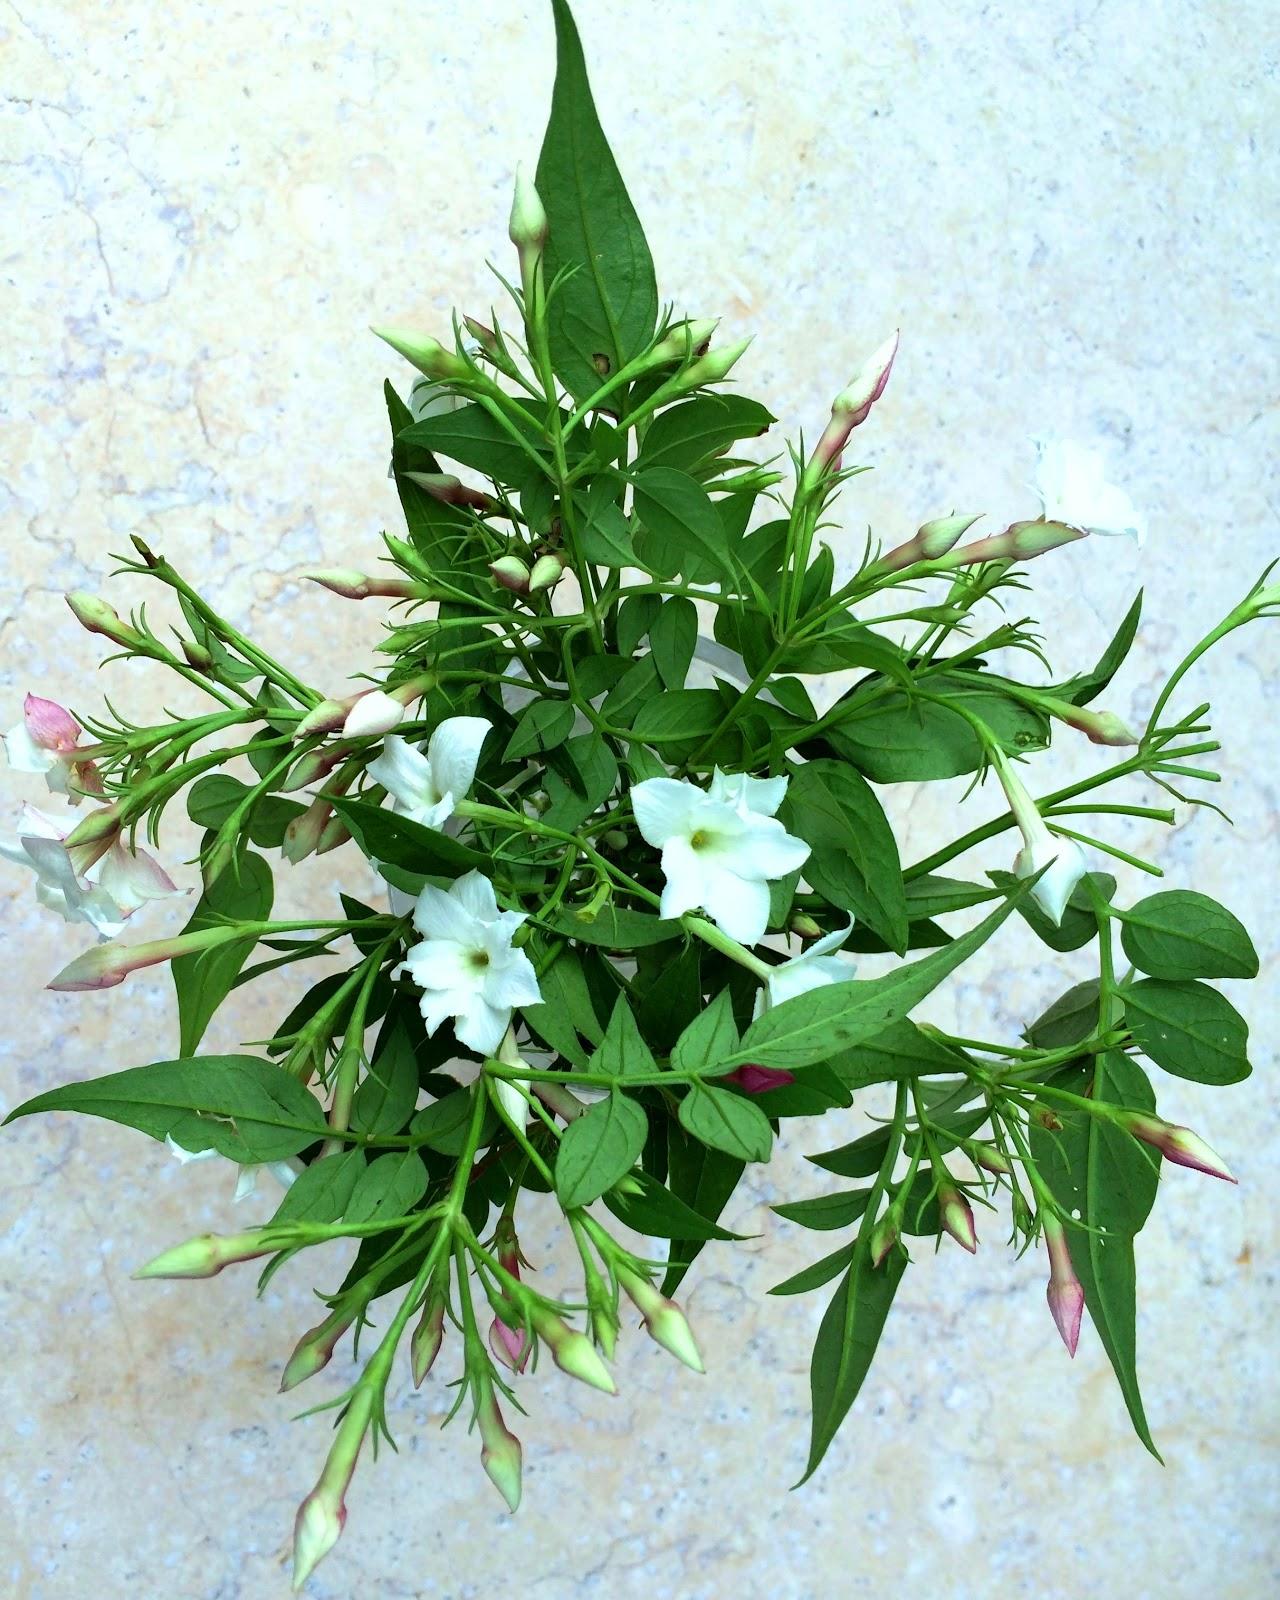 Using Jasminum Officinale Garden Jasmine As Cut Flower